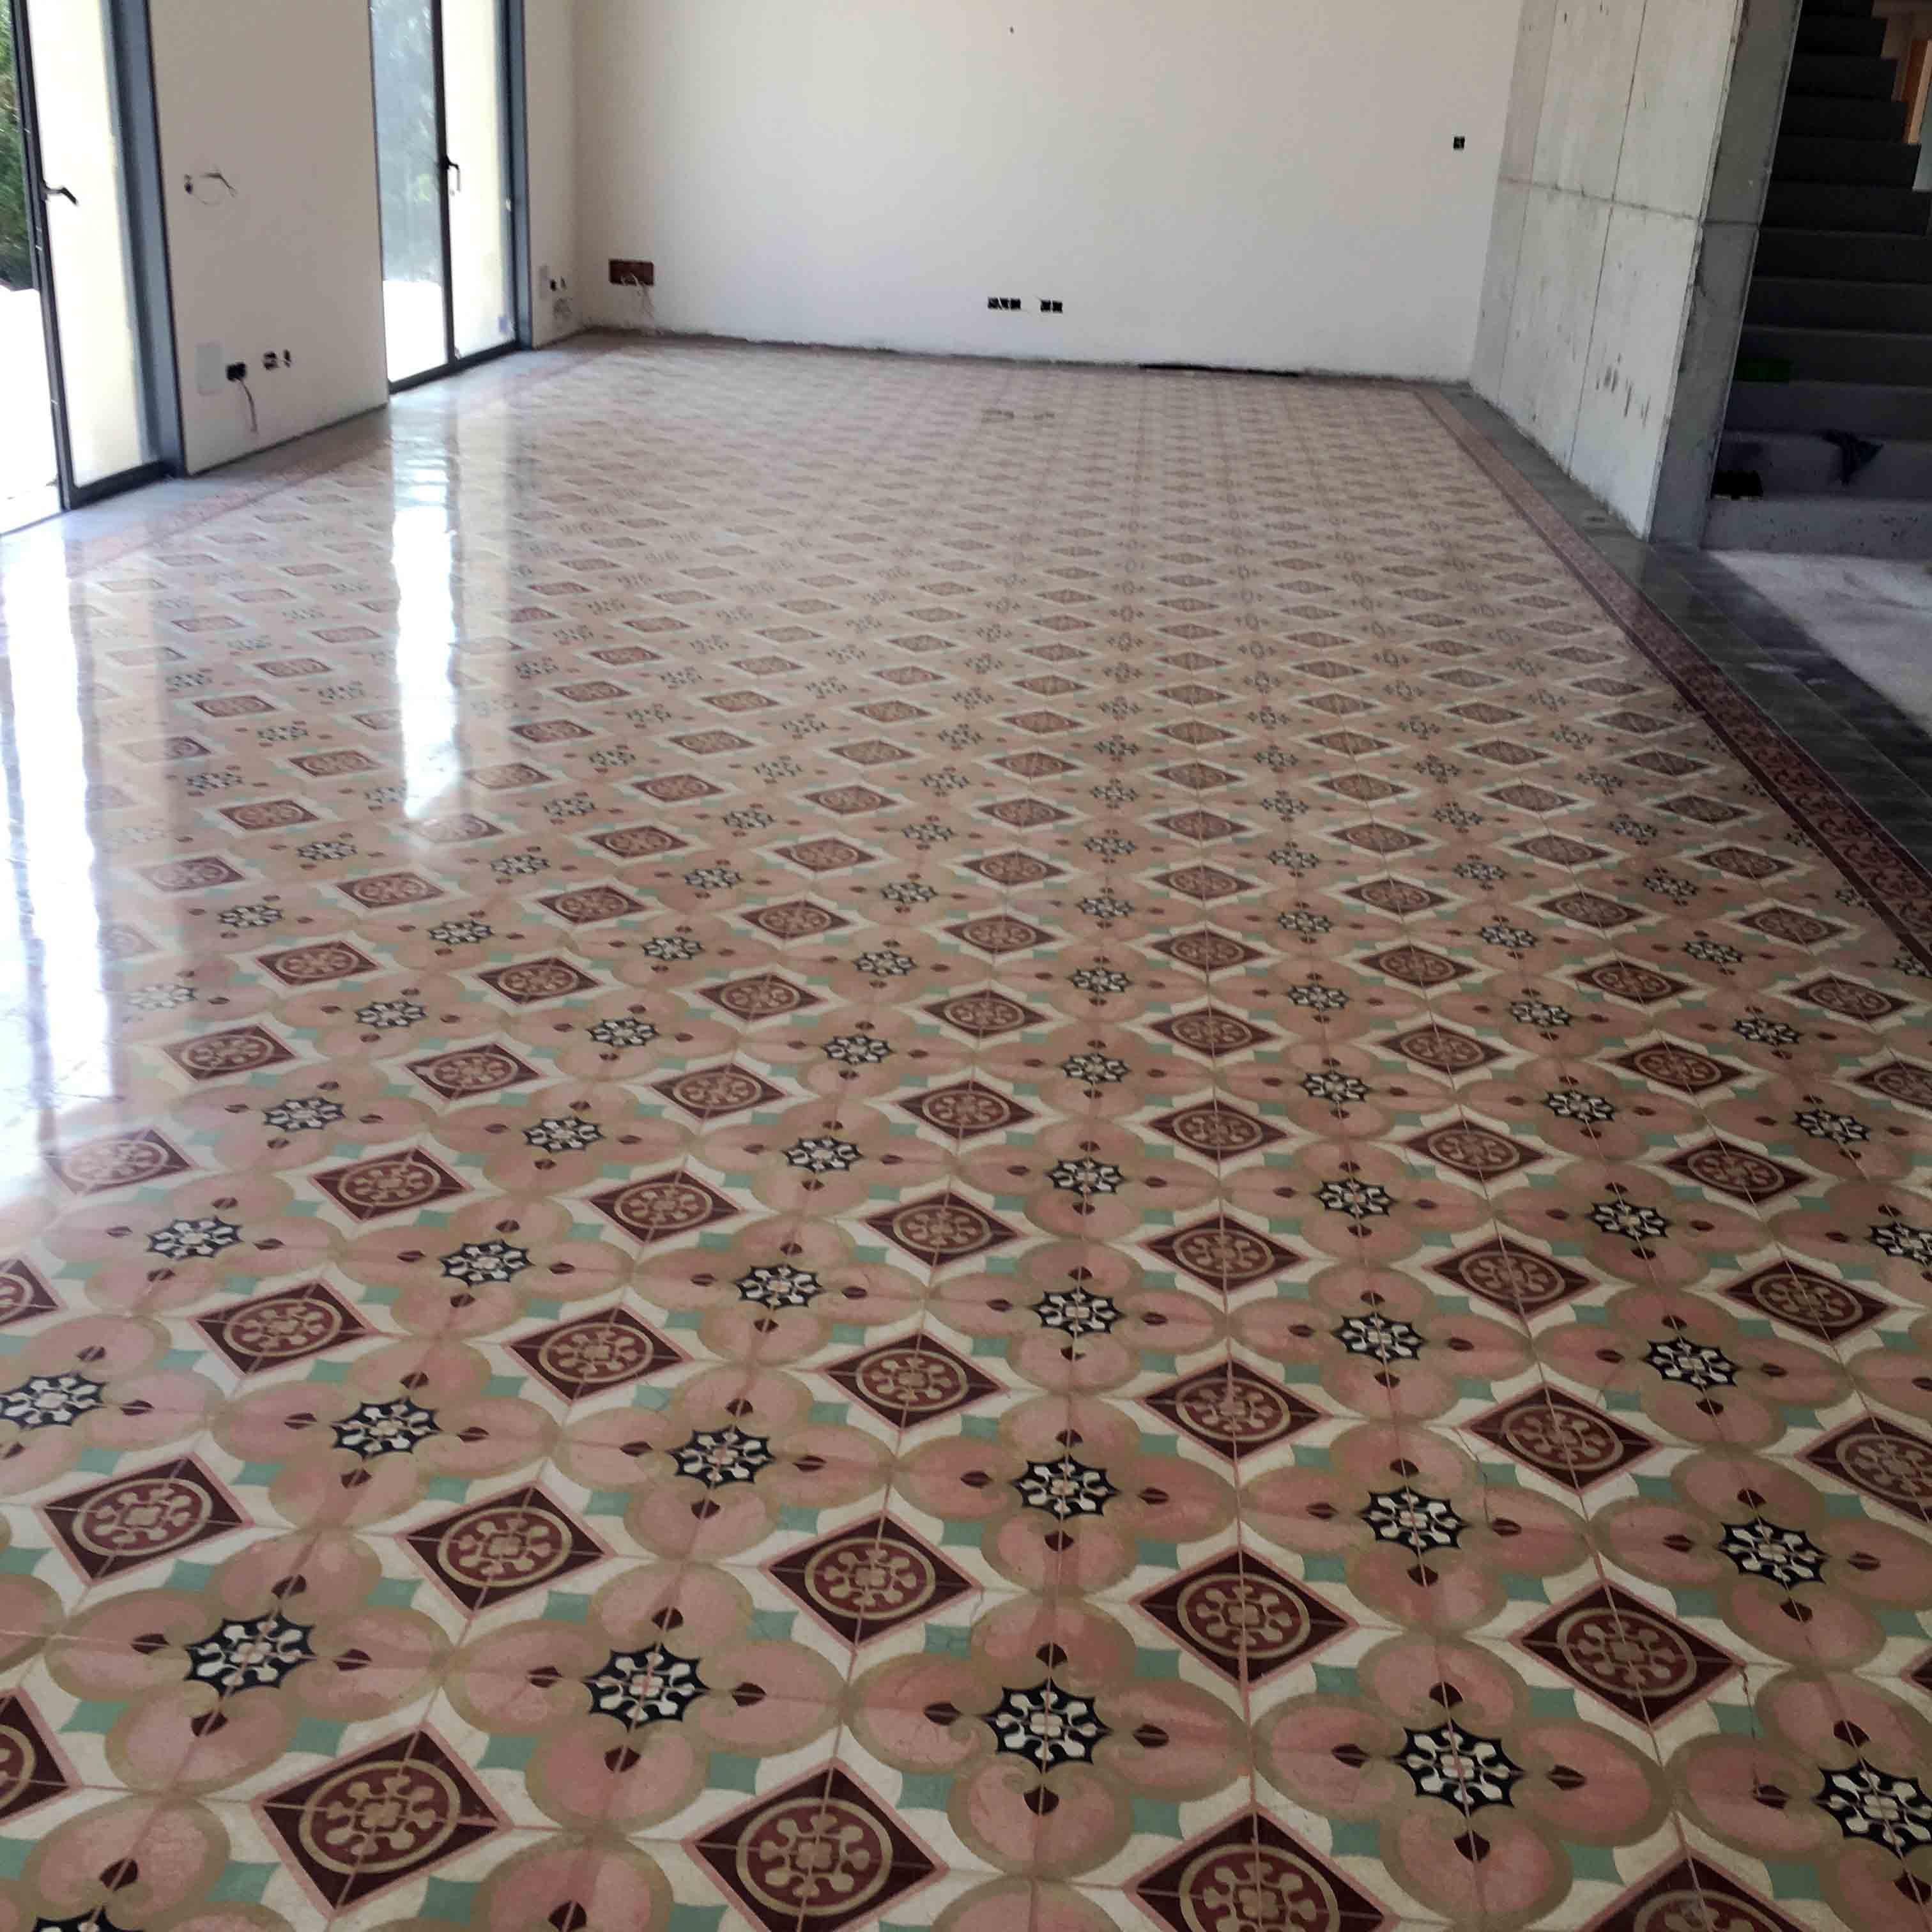 MosaicosBarcelona-Recuperacción-abrillantado-y-acristalado-de-suelos-de-mosaico-hidraulico-en-vivienda-en-Mallorca-Baleares-16